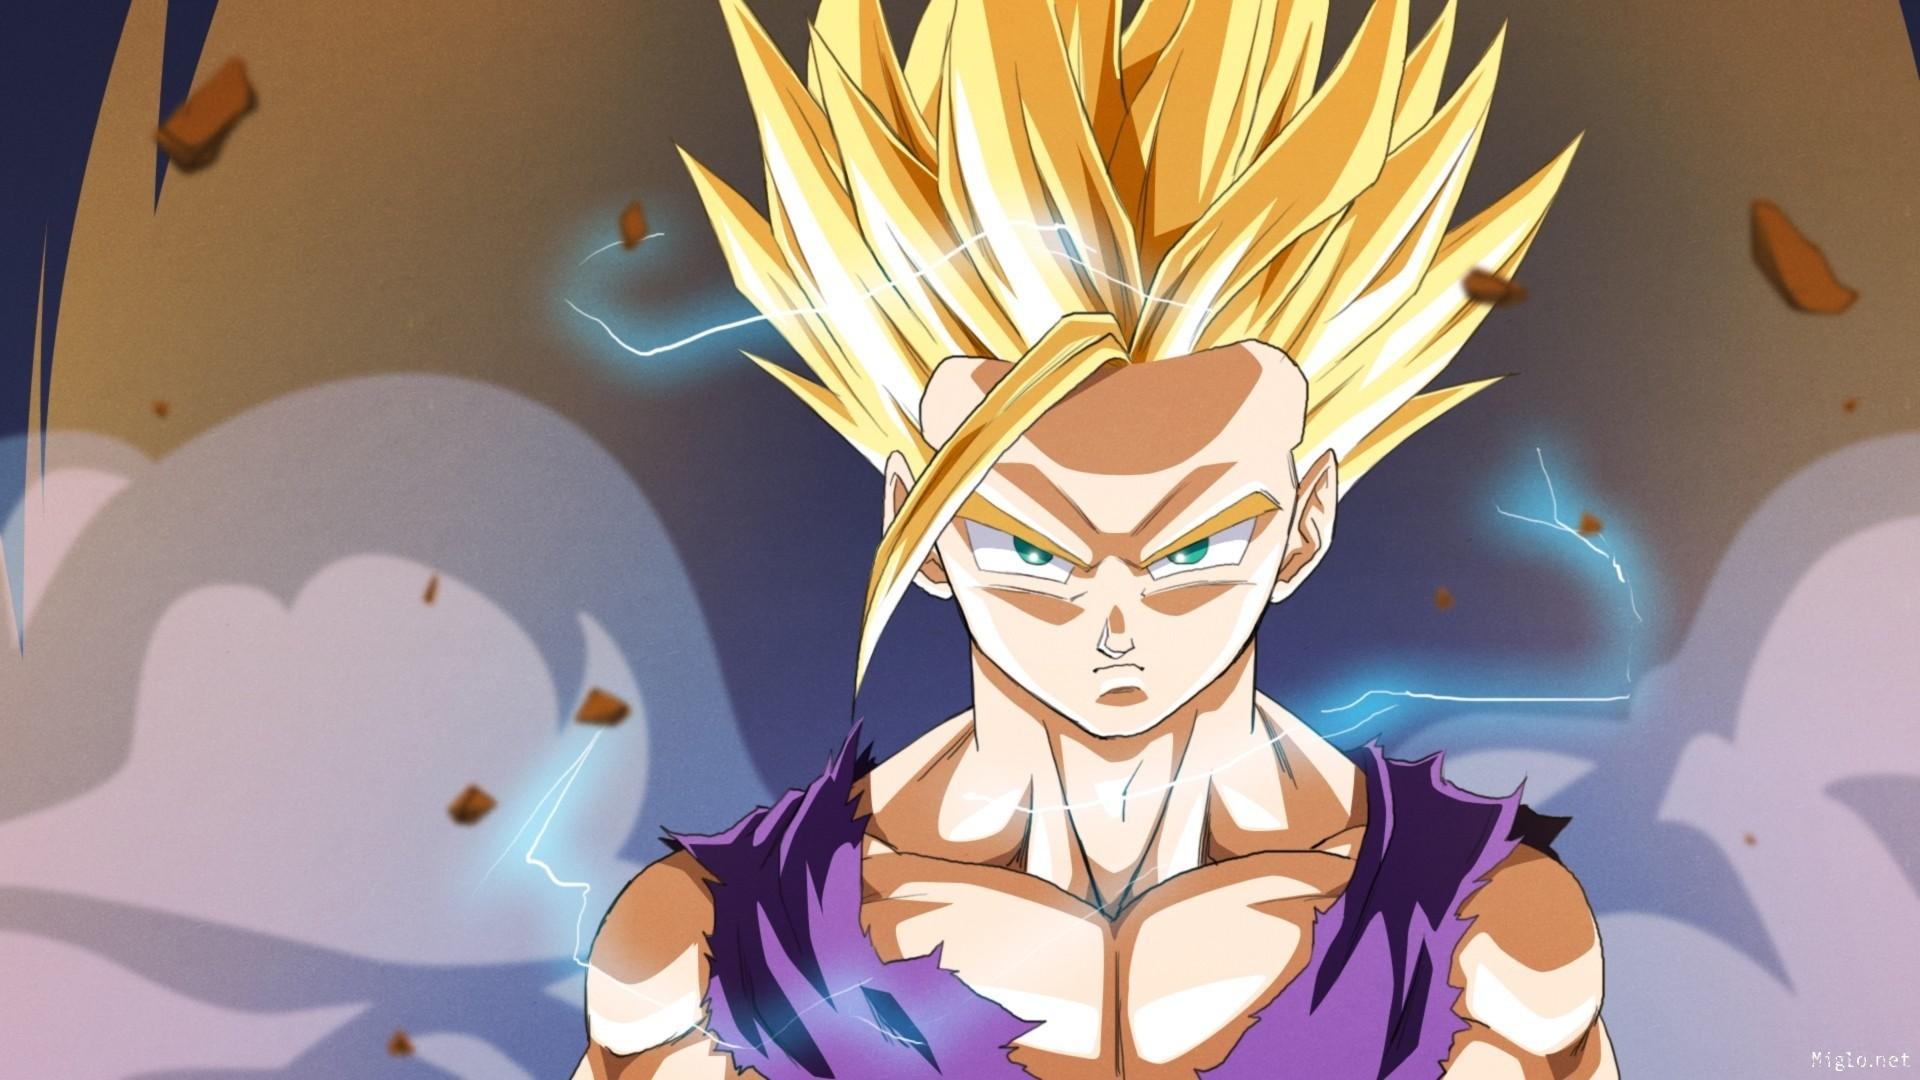 DBZ · Dragon Ball Son Gohan Anime Hd Desktop Wallpaper